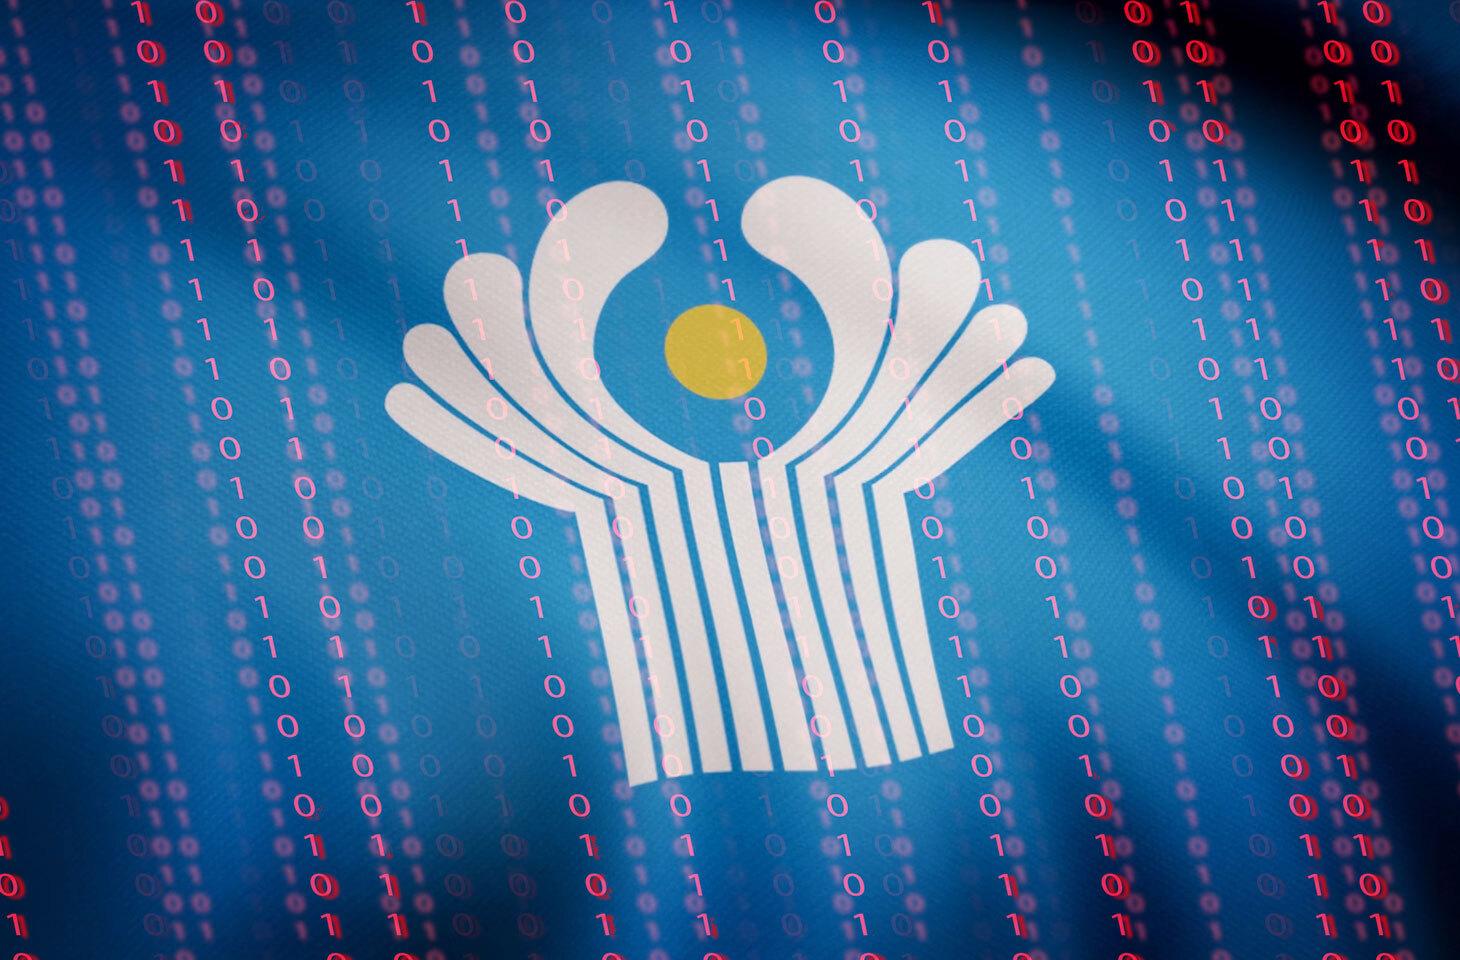 Шифровальщики, действующие в СНГ